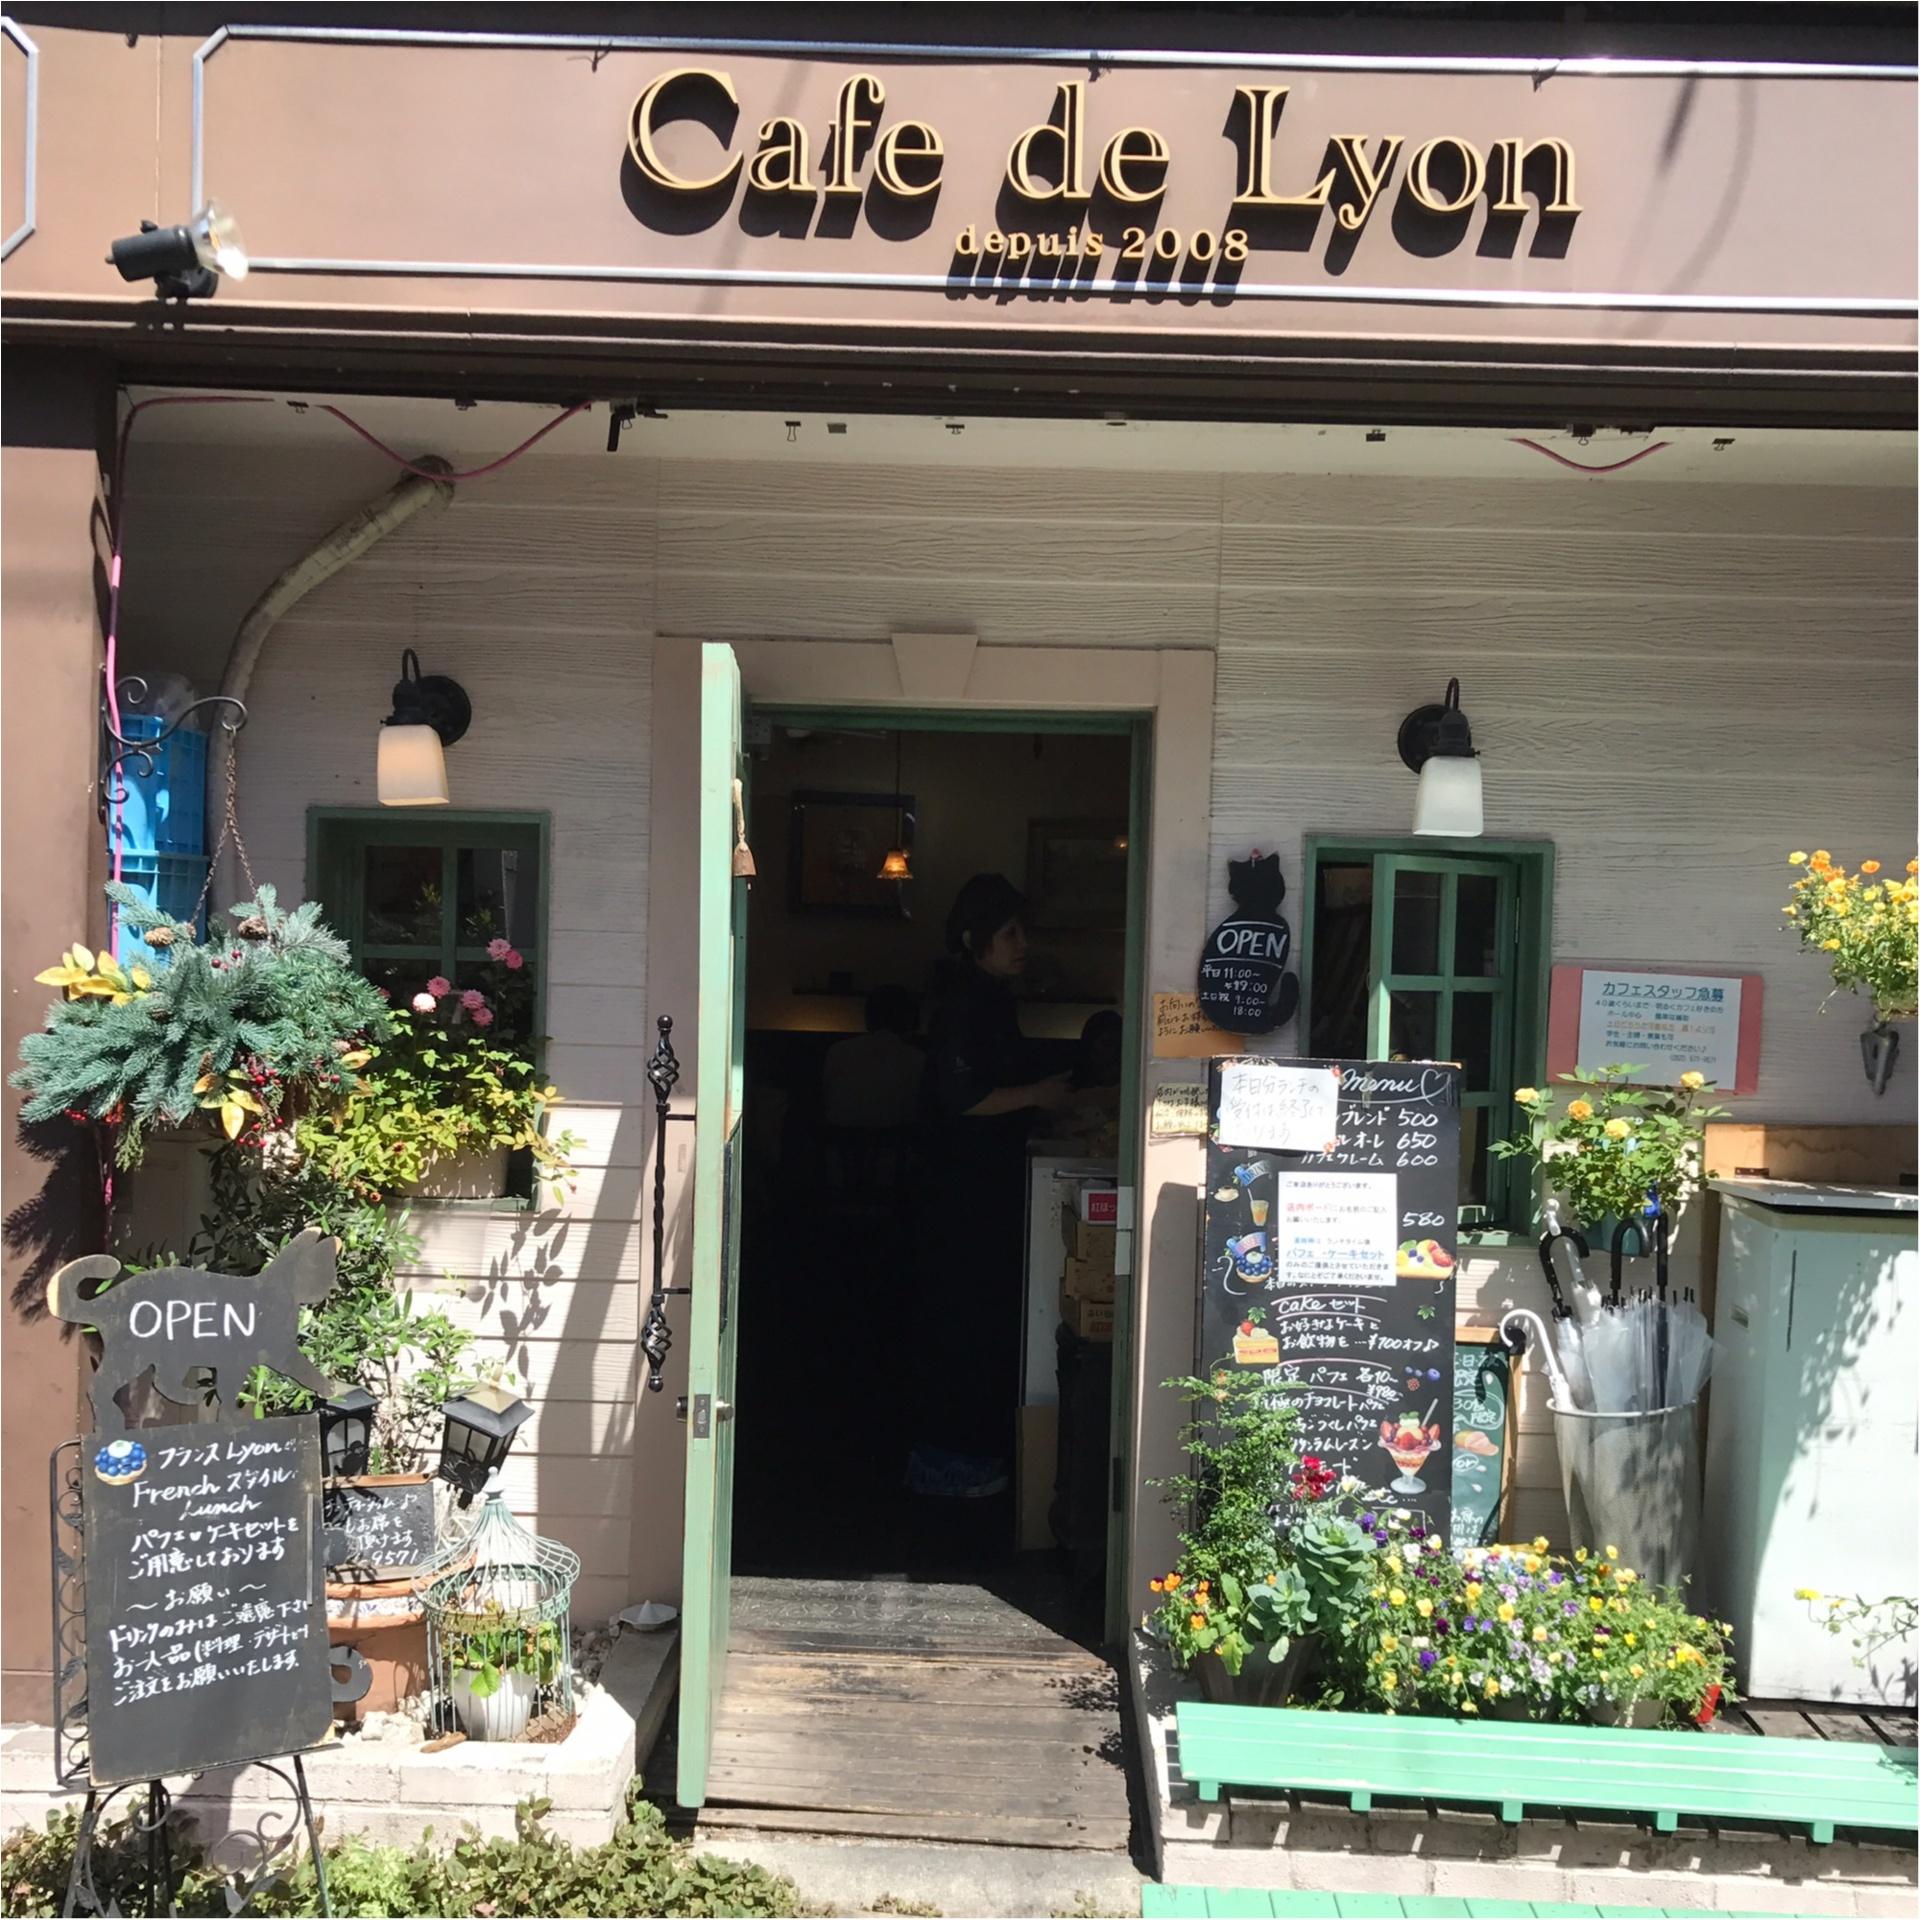 ★こんな贅沢あっていいの?特盛フルーツパフェのお店『Cafe de Lyon』で至福の時間を味わって★_1